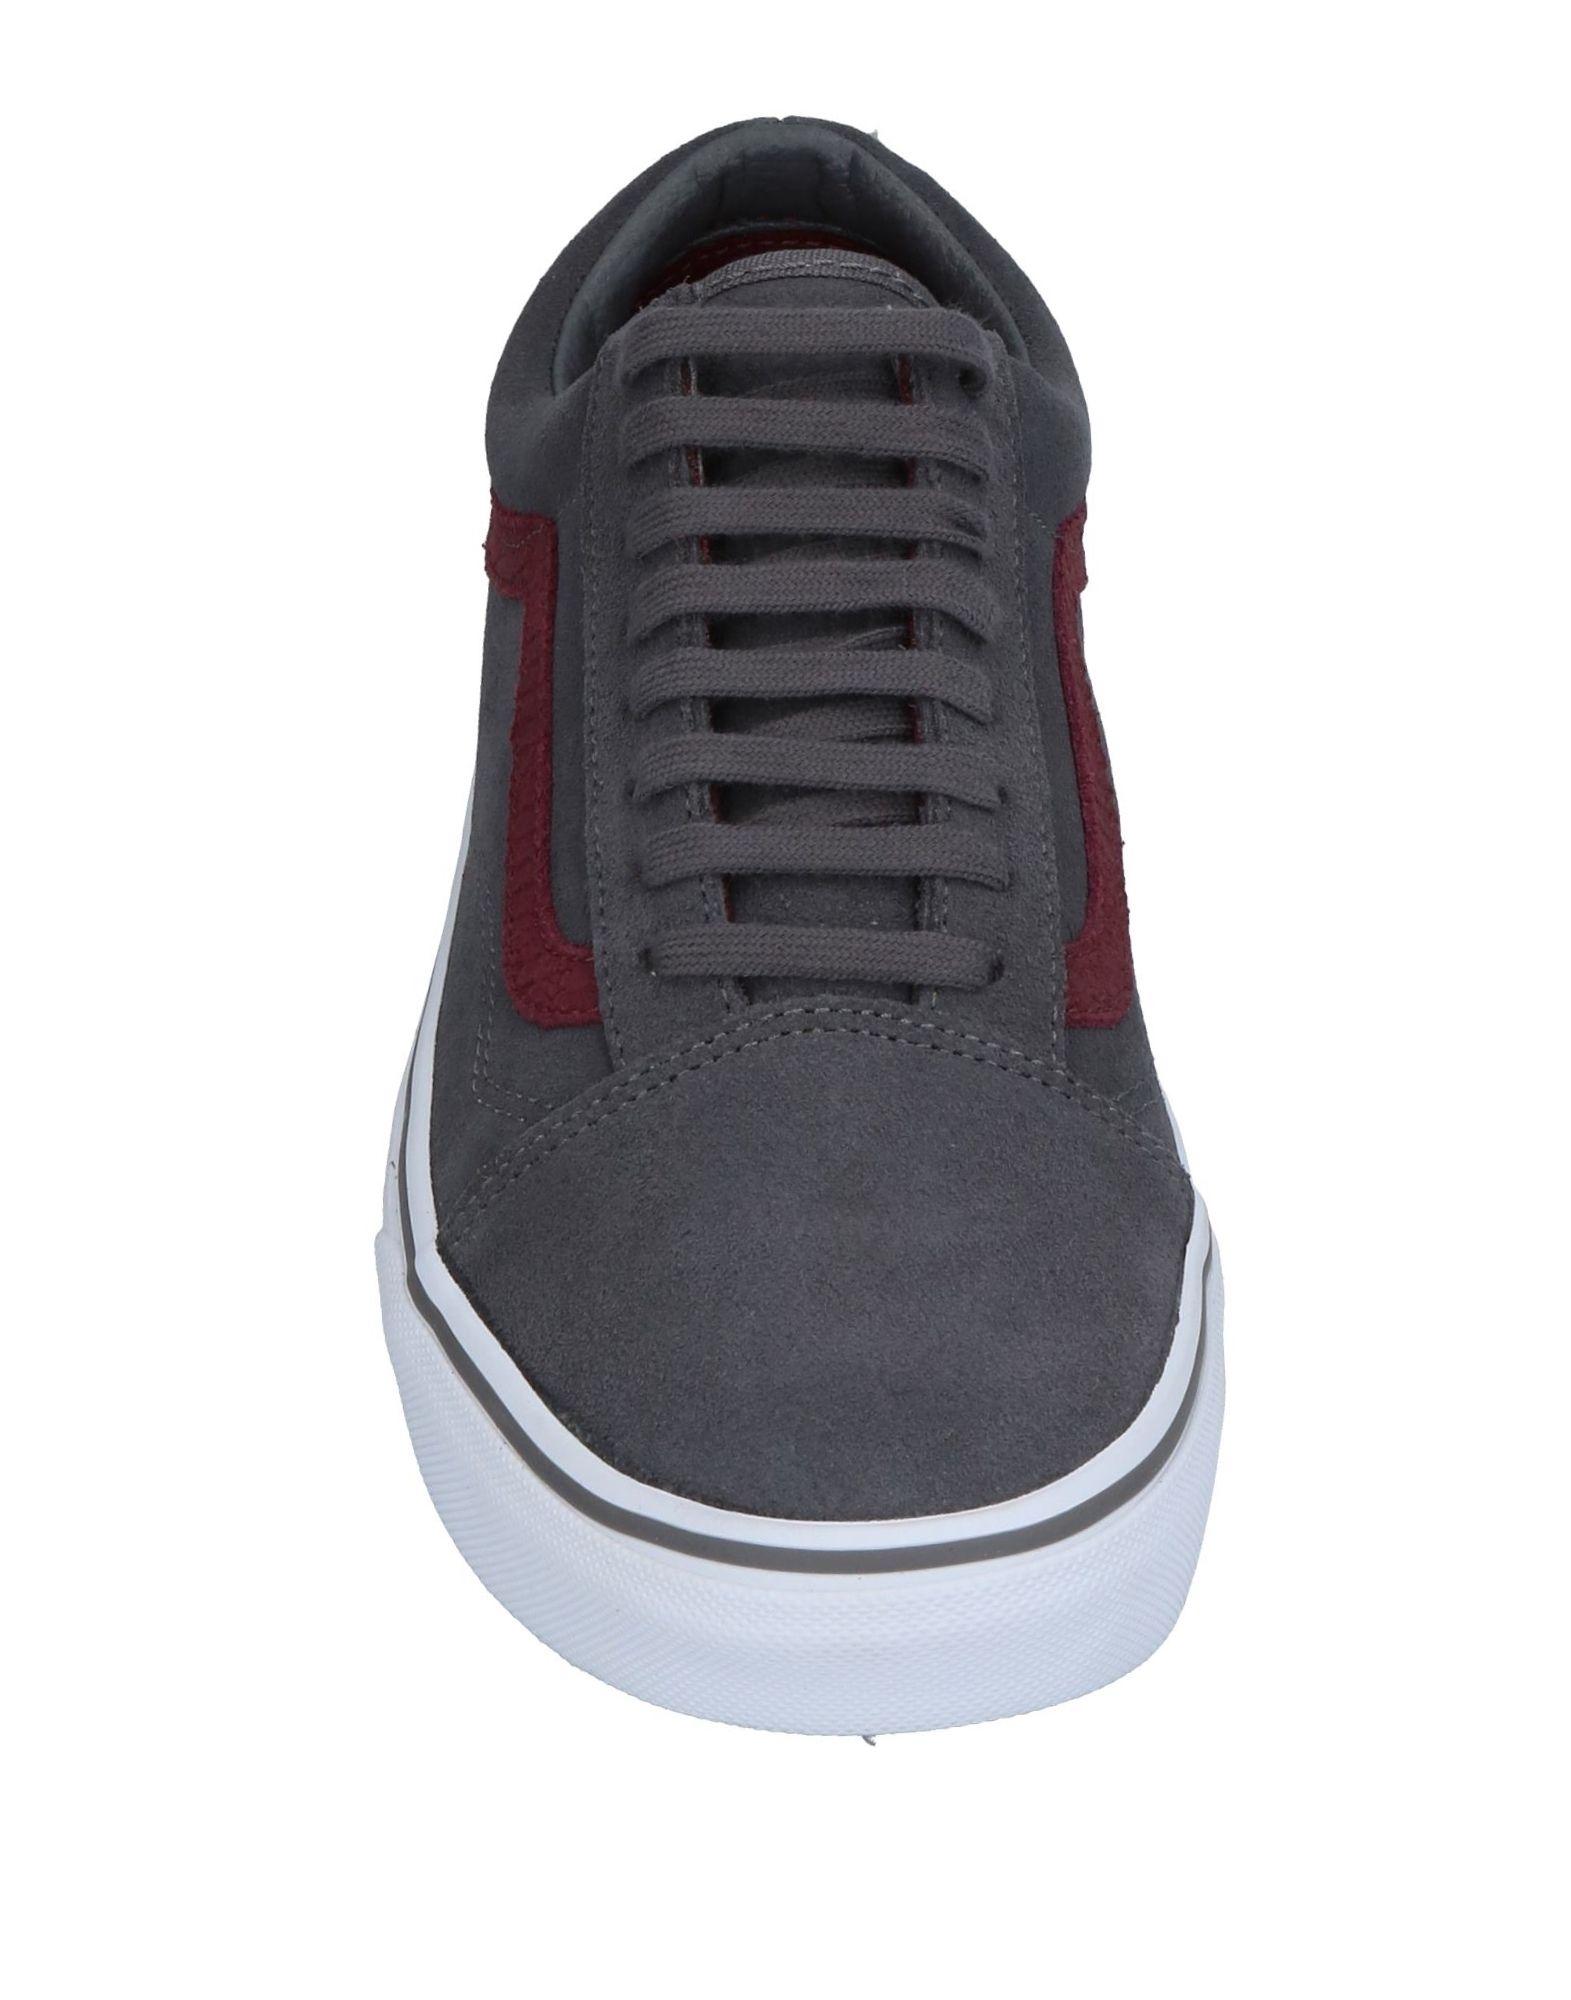 Rabatt echte Schuhe Herren Vans Sneakers Herren Schuhe  11376385VF efe2b8